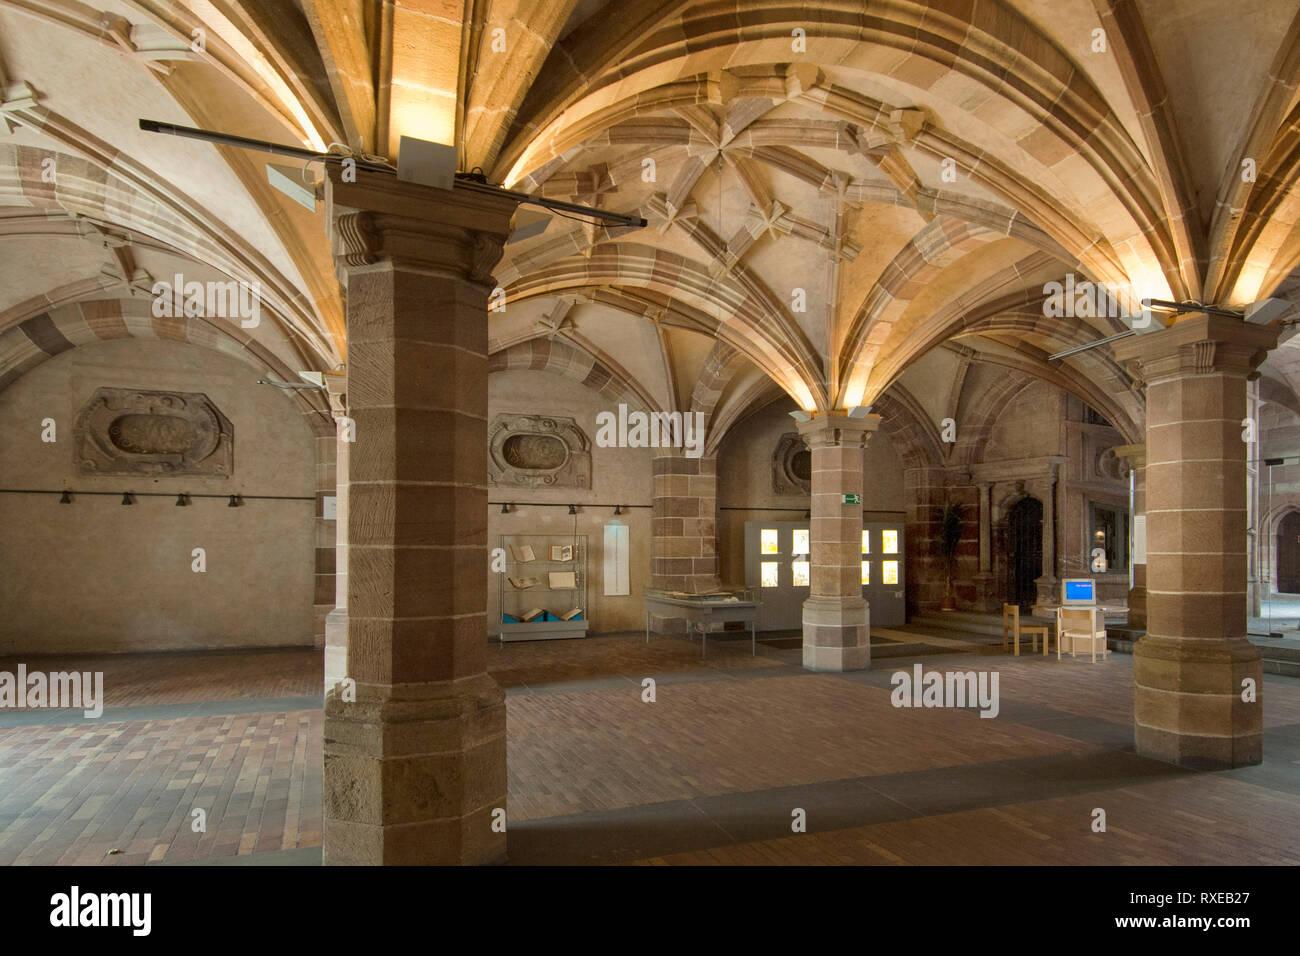 Deutschland, Bayern, Franken, Nürnberg, Pellerhaus, ein kunst- und architekturgeschichtlich sehr bedeutendes Nürnberger Renaissance-Bürgerhaus mit rei - Stock Image